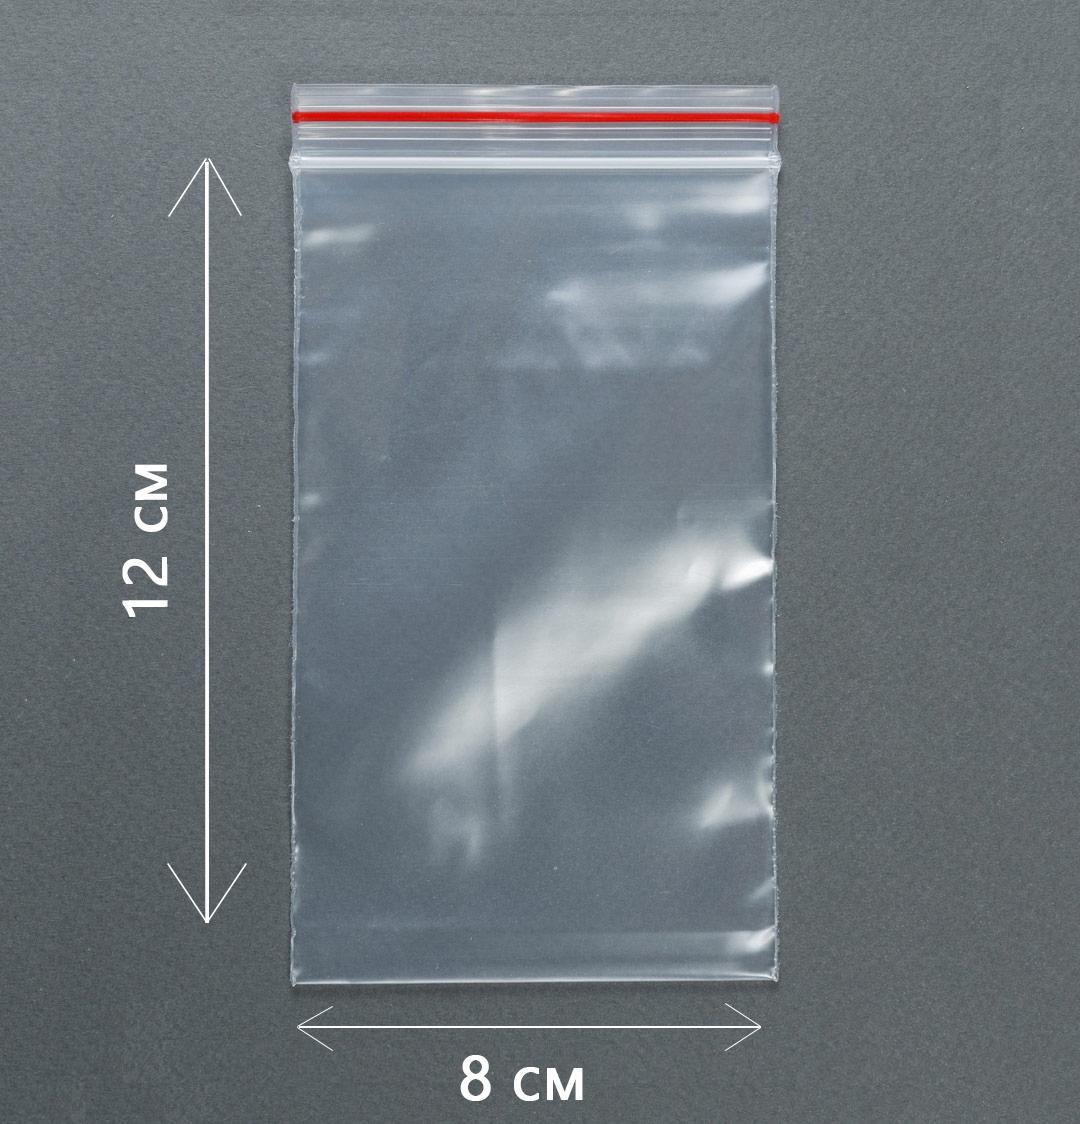 8x12 cm